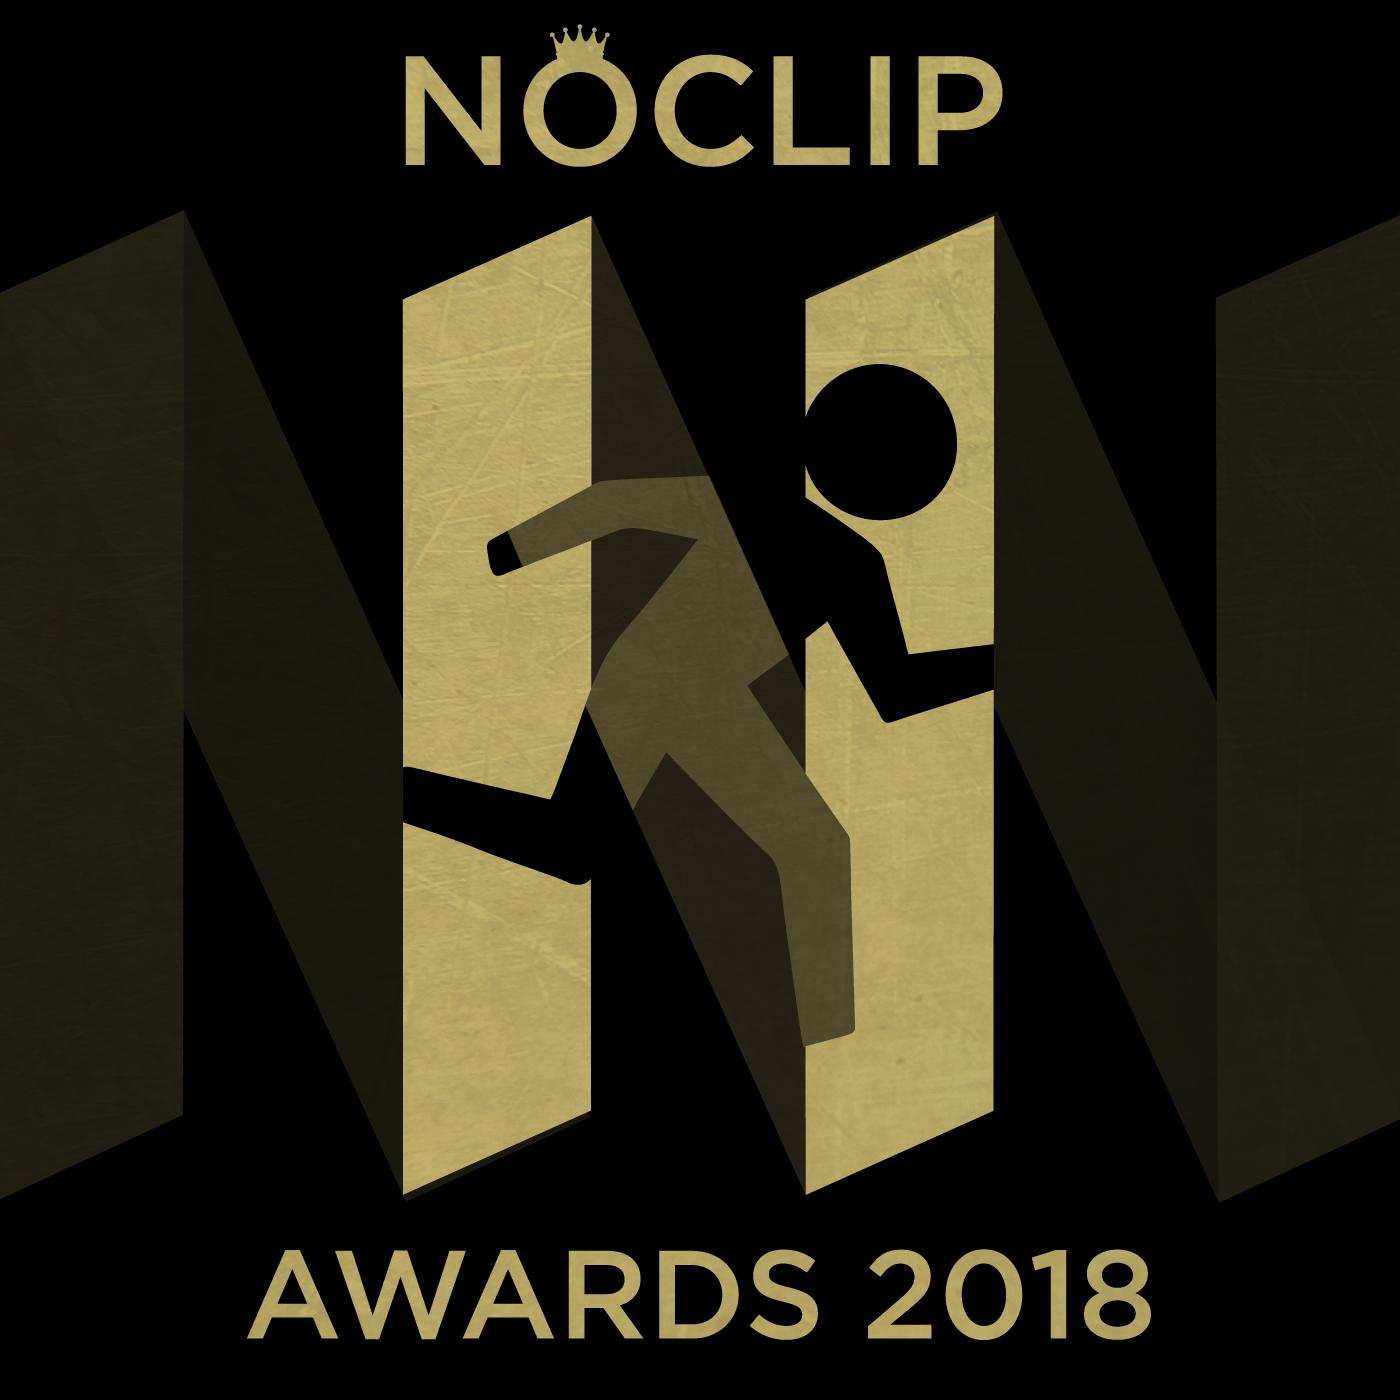 NOCLIP-AWARDS-ITUNES.png